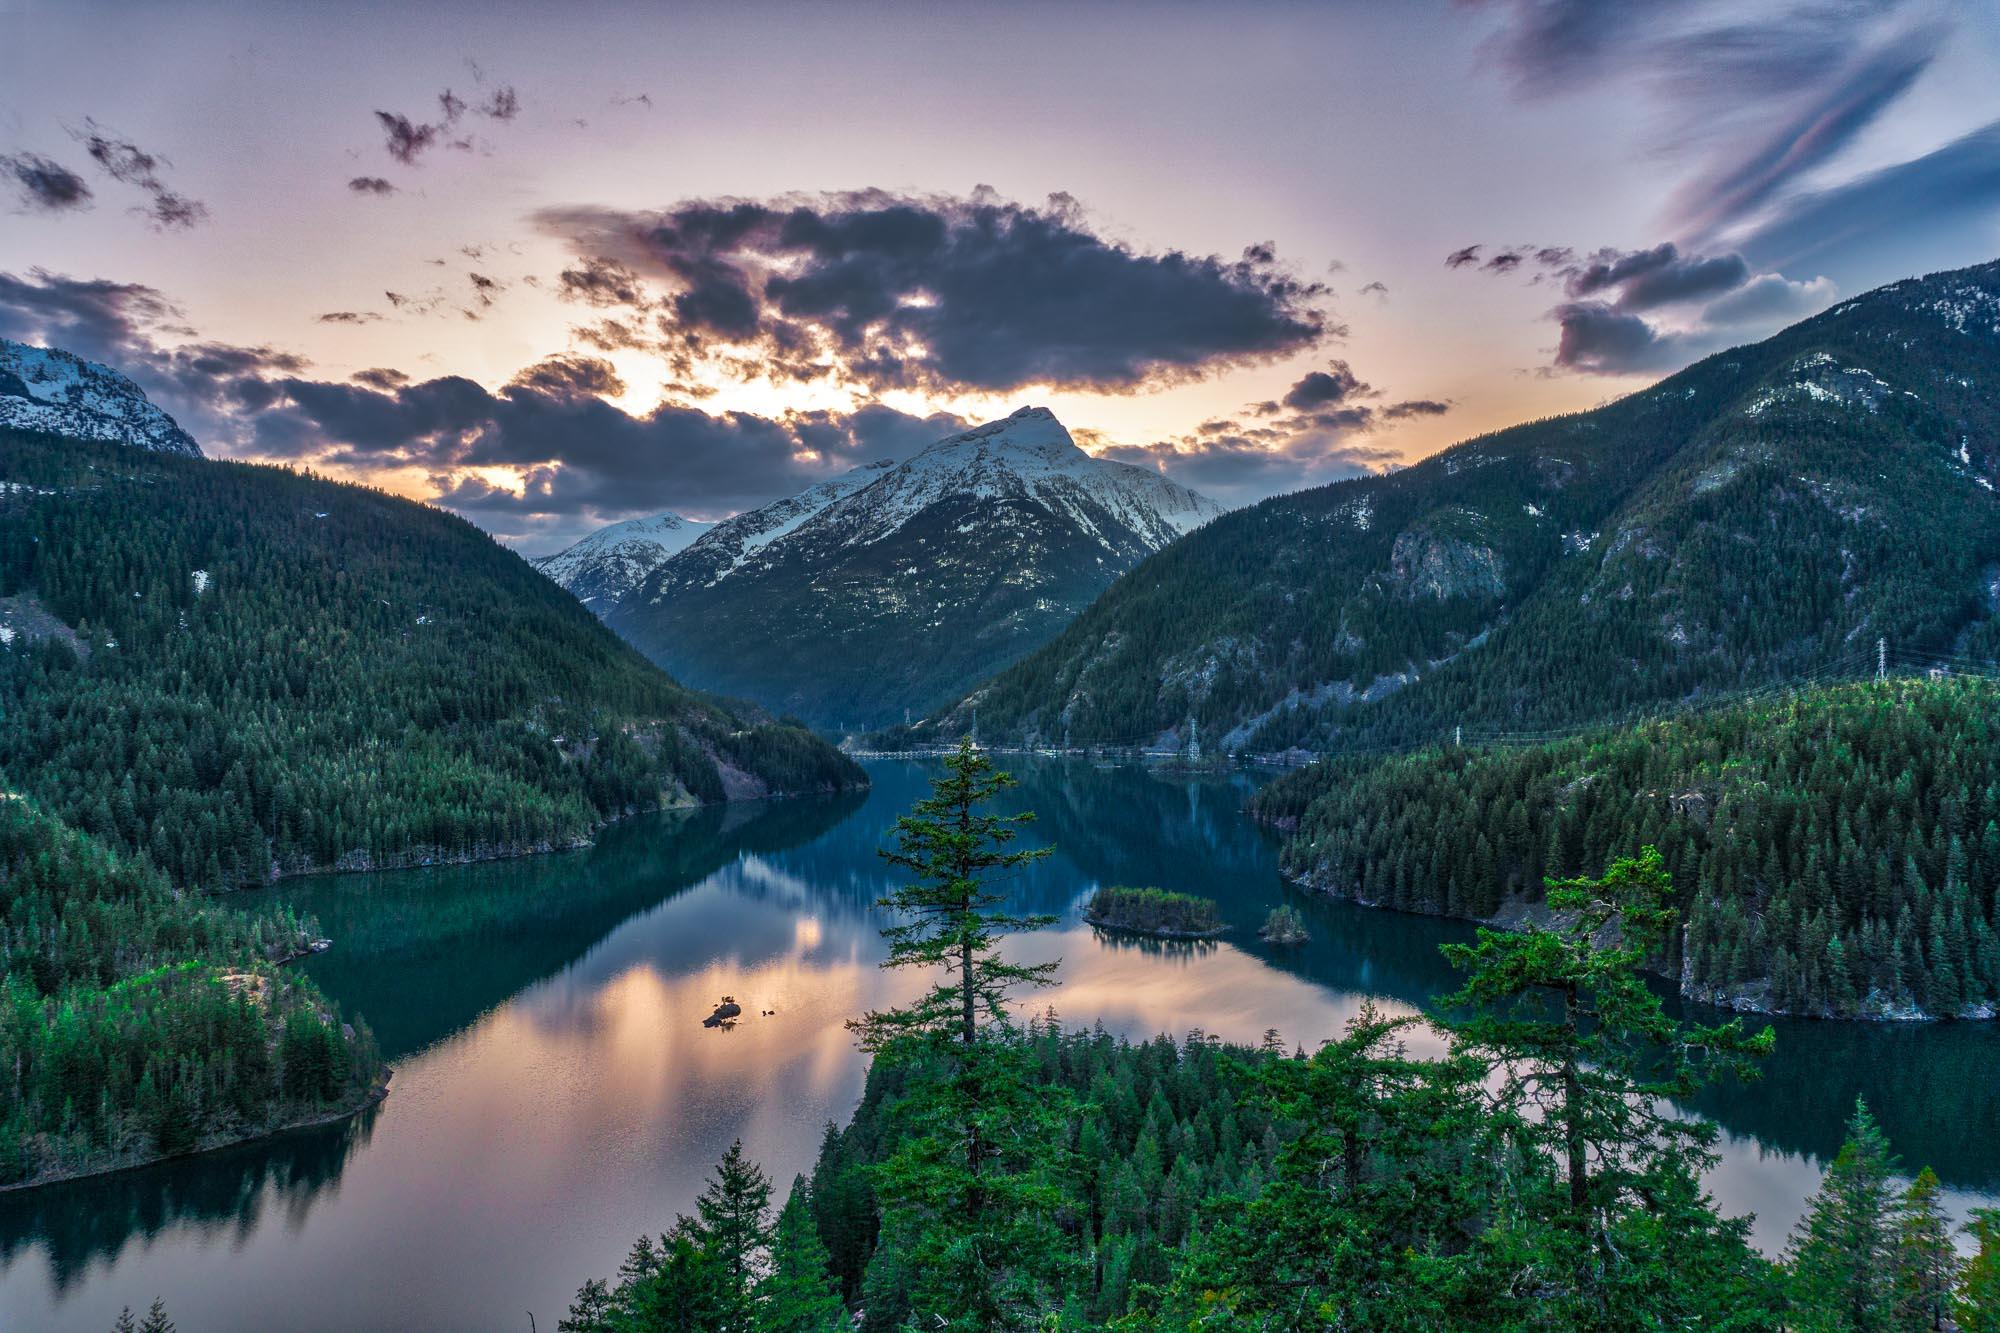 Pratt_Diablo Lake_001.jpg